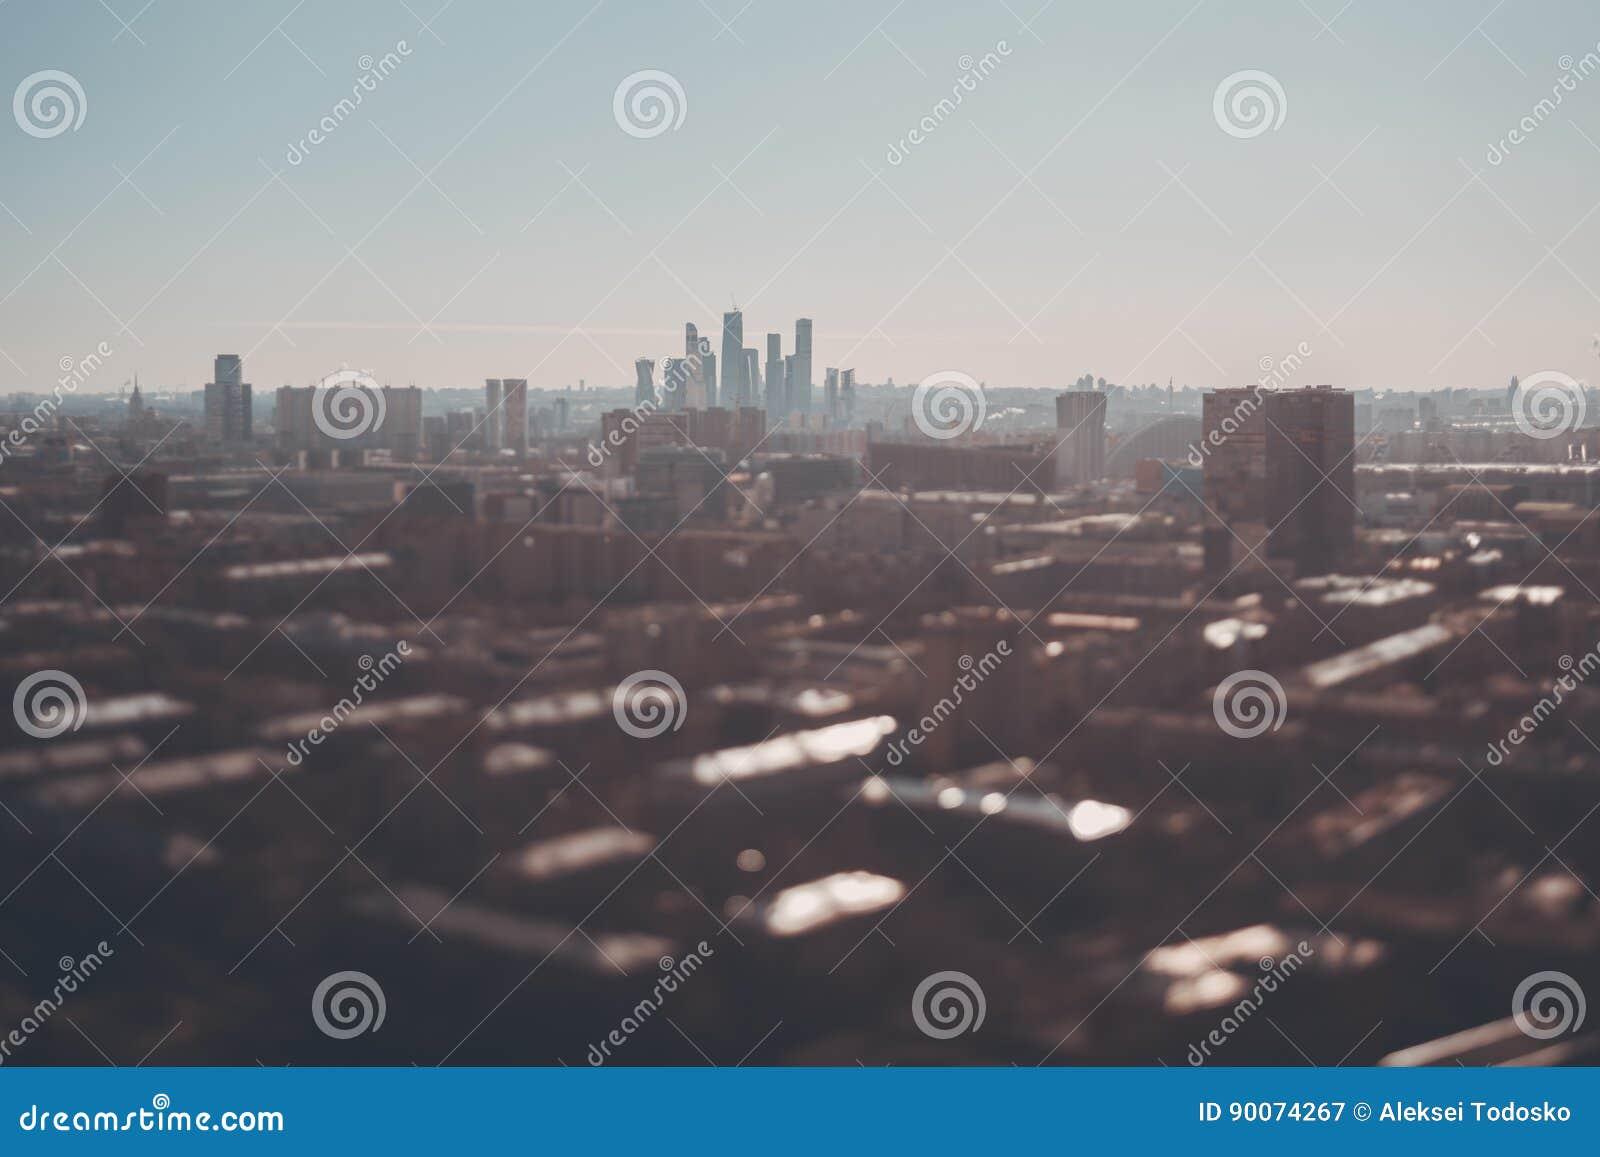 Fucilazione dello spostamento di inclinazione del paesaggio urbano da parte migliore